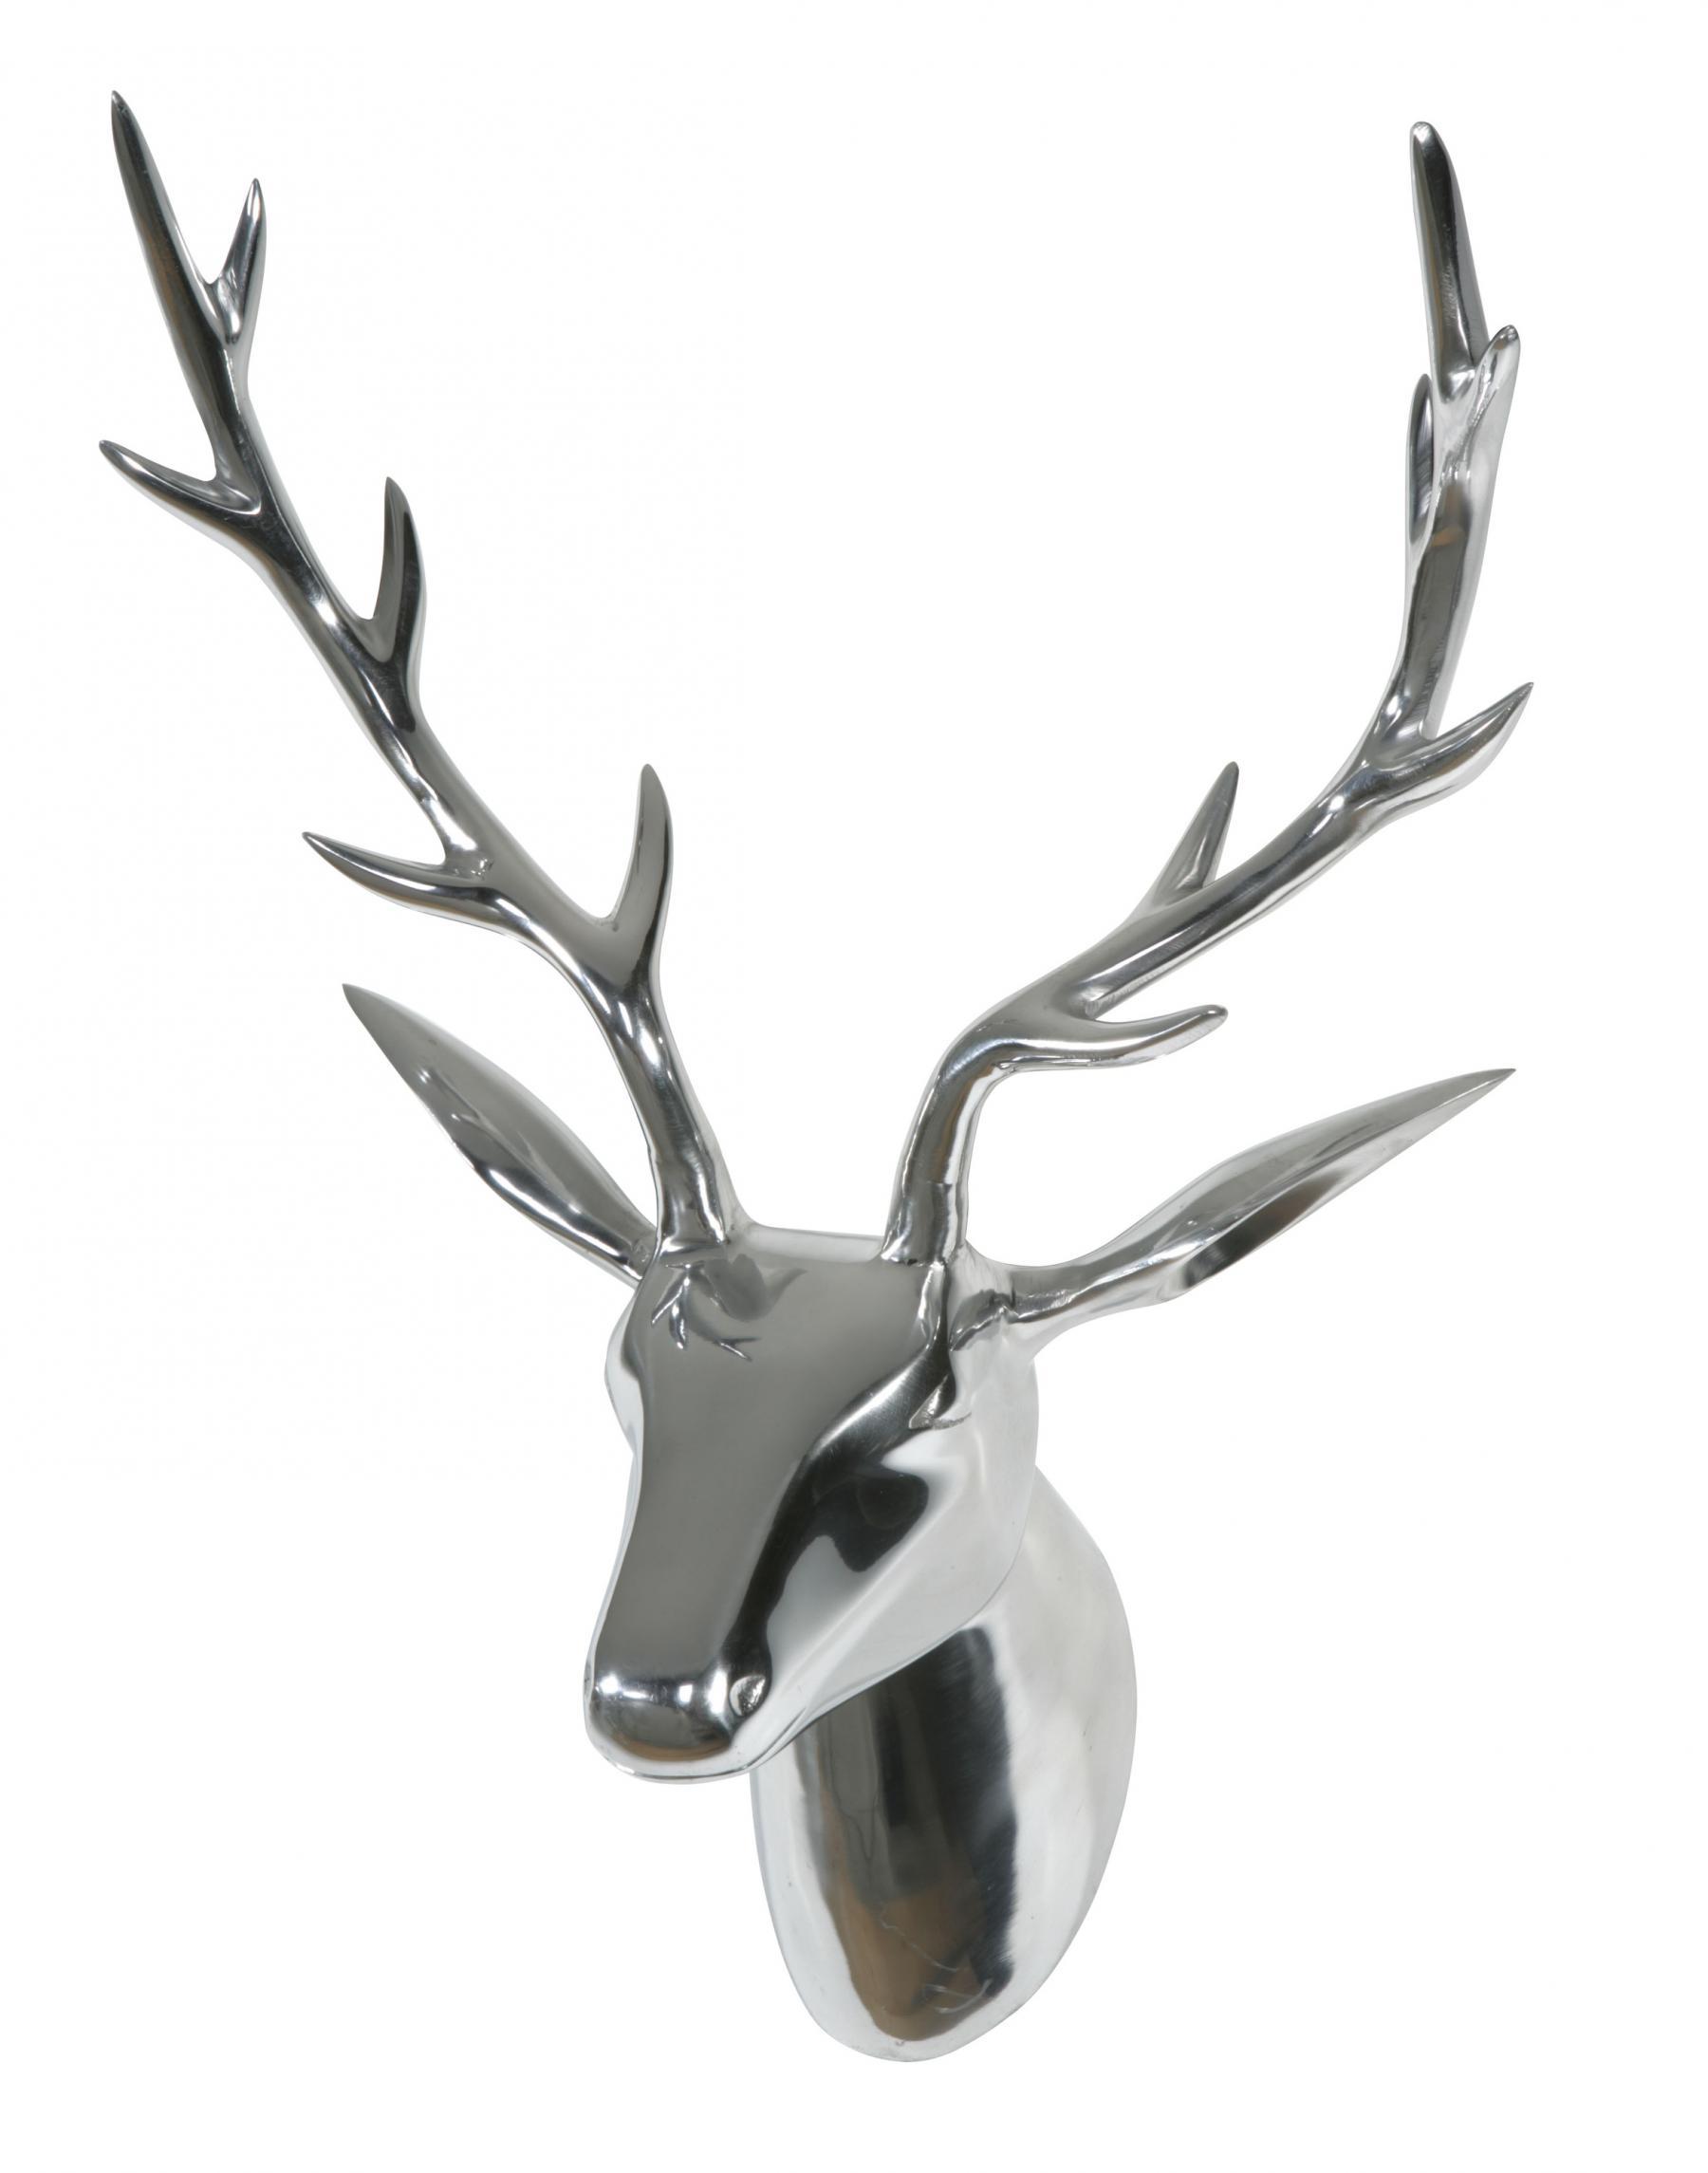 Hirsch Deko Wand.Deko Geweih Hirschkopf Aluminium Poliert Wandfigur Wanddeko Hirschgeweih Hirschkopf Geweih Figur Skulptur Deko Weihnachten Weihnachten Deko Dekoration